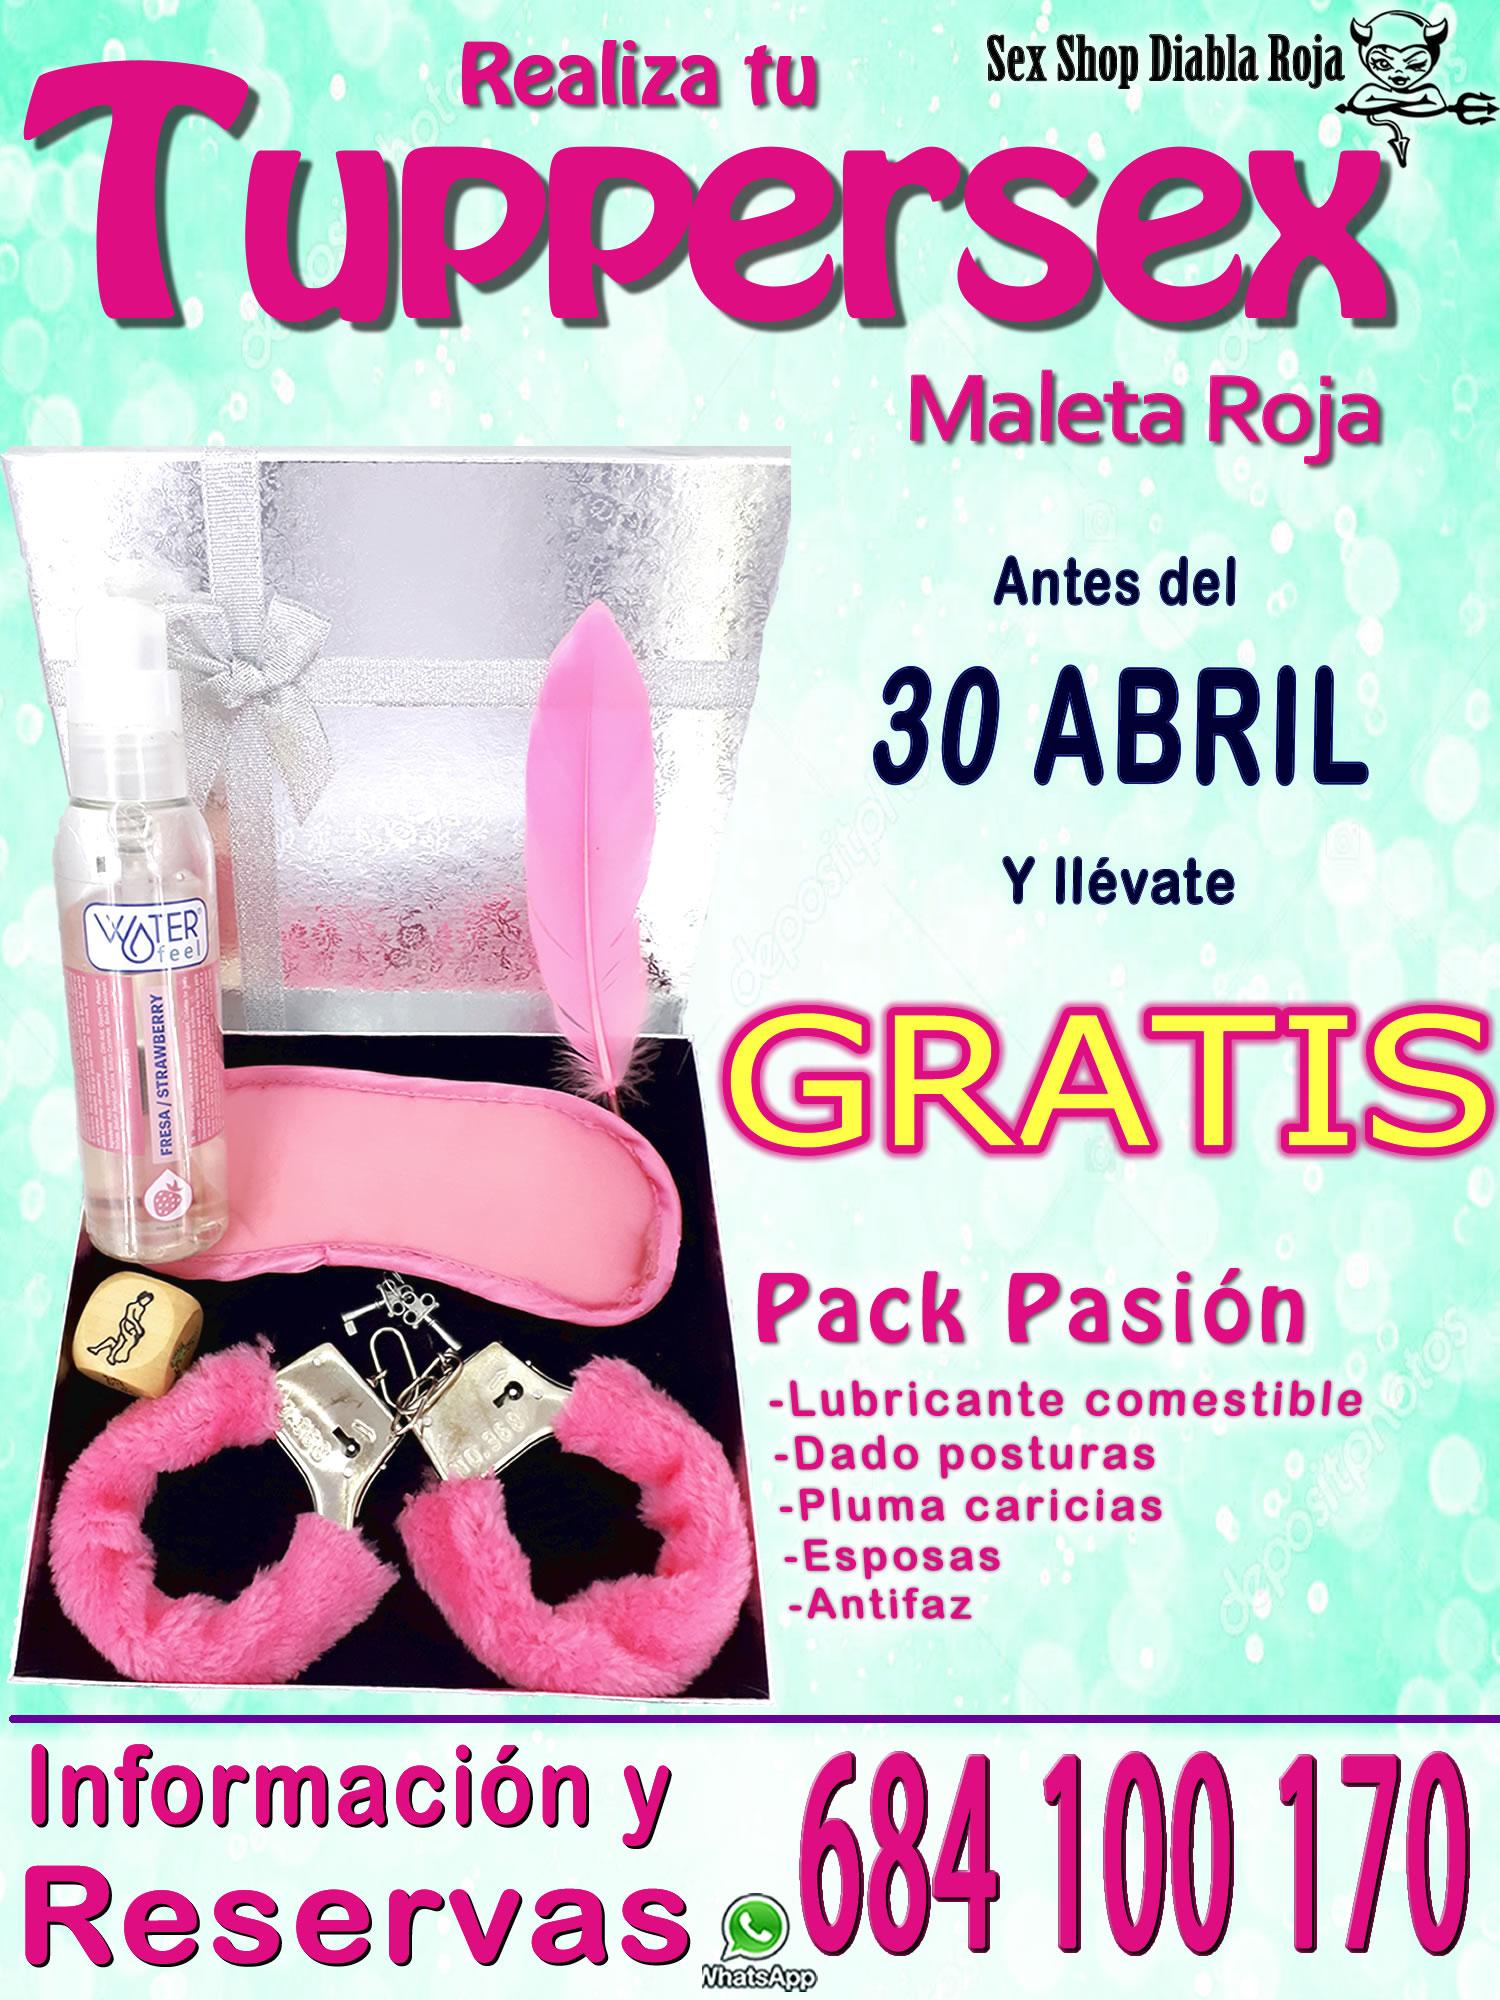 PROMOCIÓN REUNIONES TUPPERSEX EN HUELVA Y SEVILLA